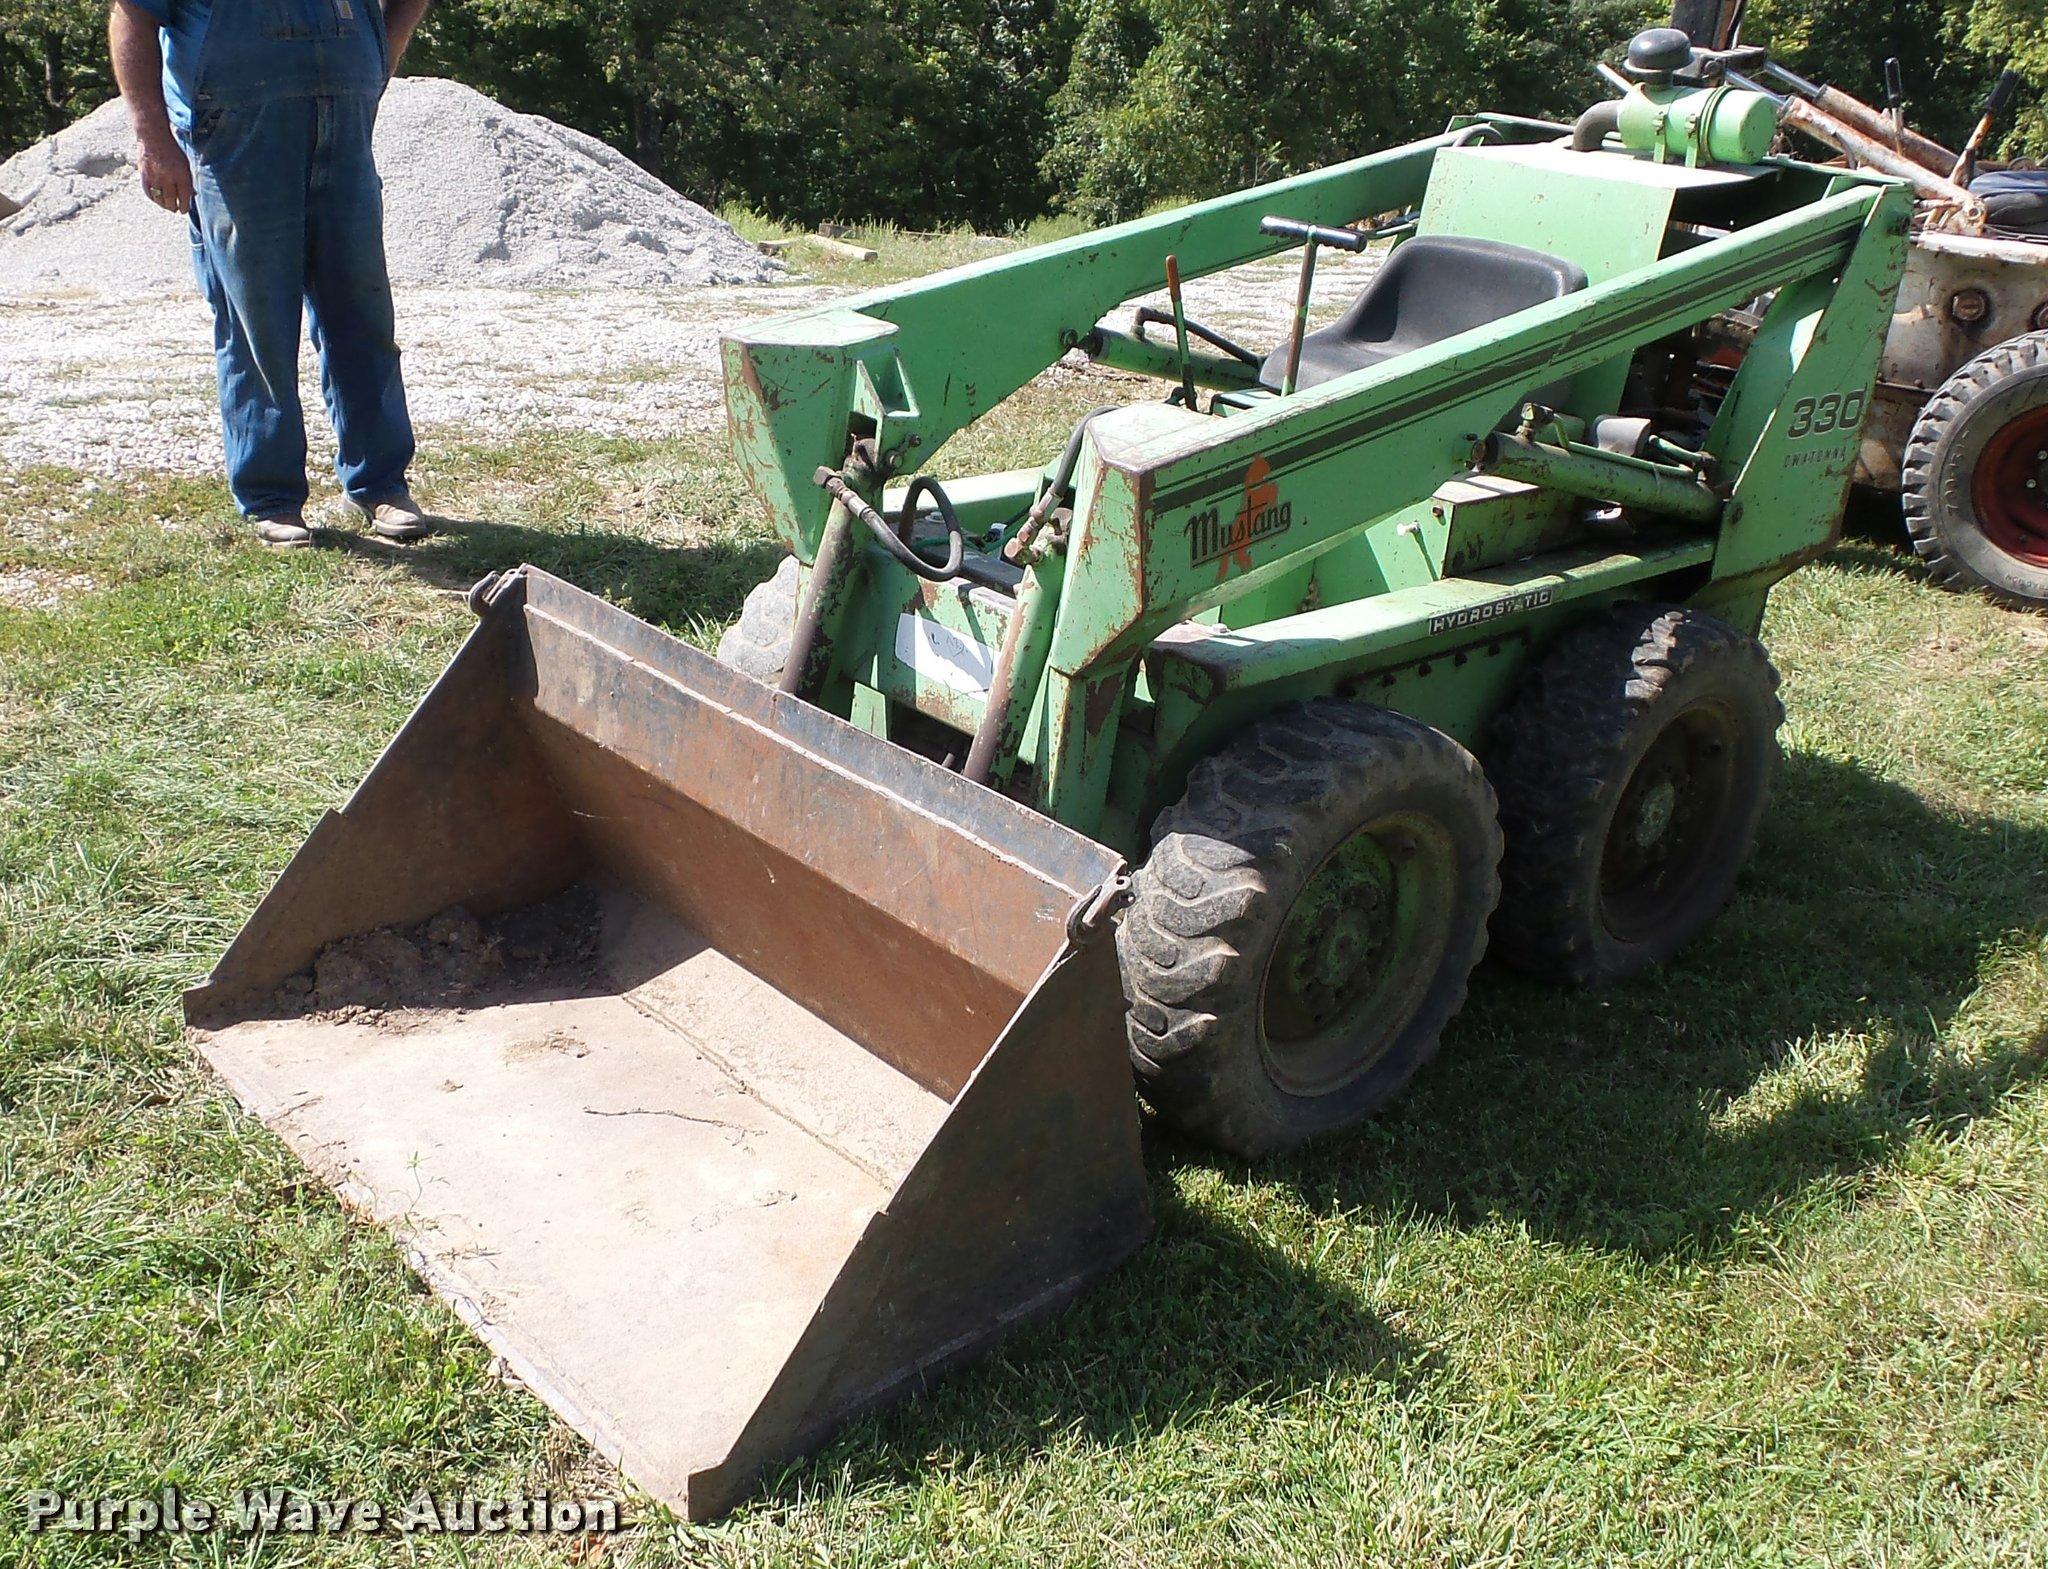 Mustang 330 skid steer | Item BG9707 | SOLD! September 29 Co